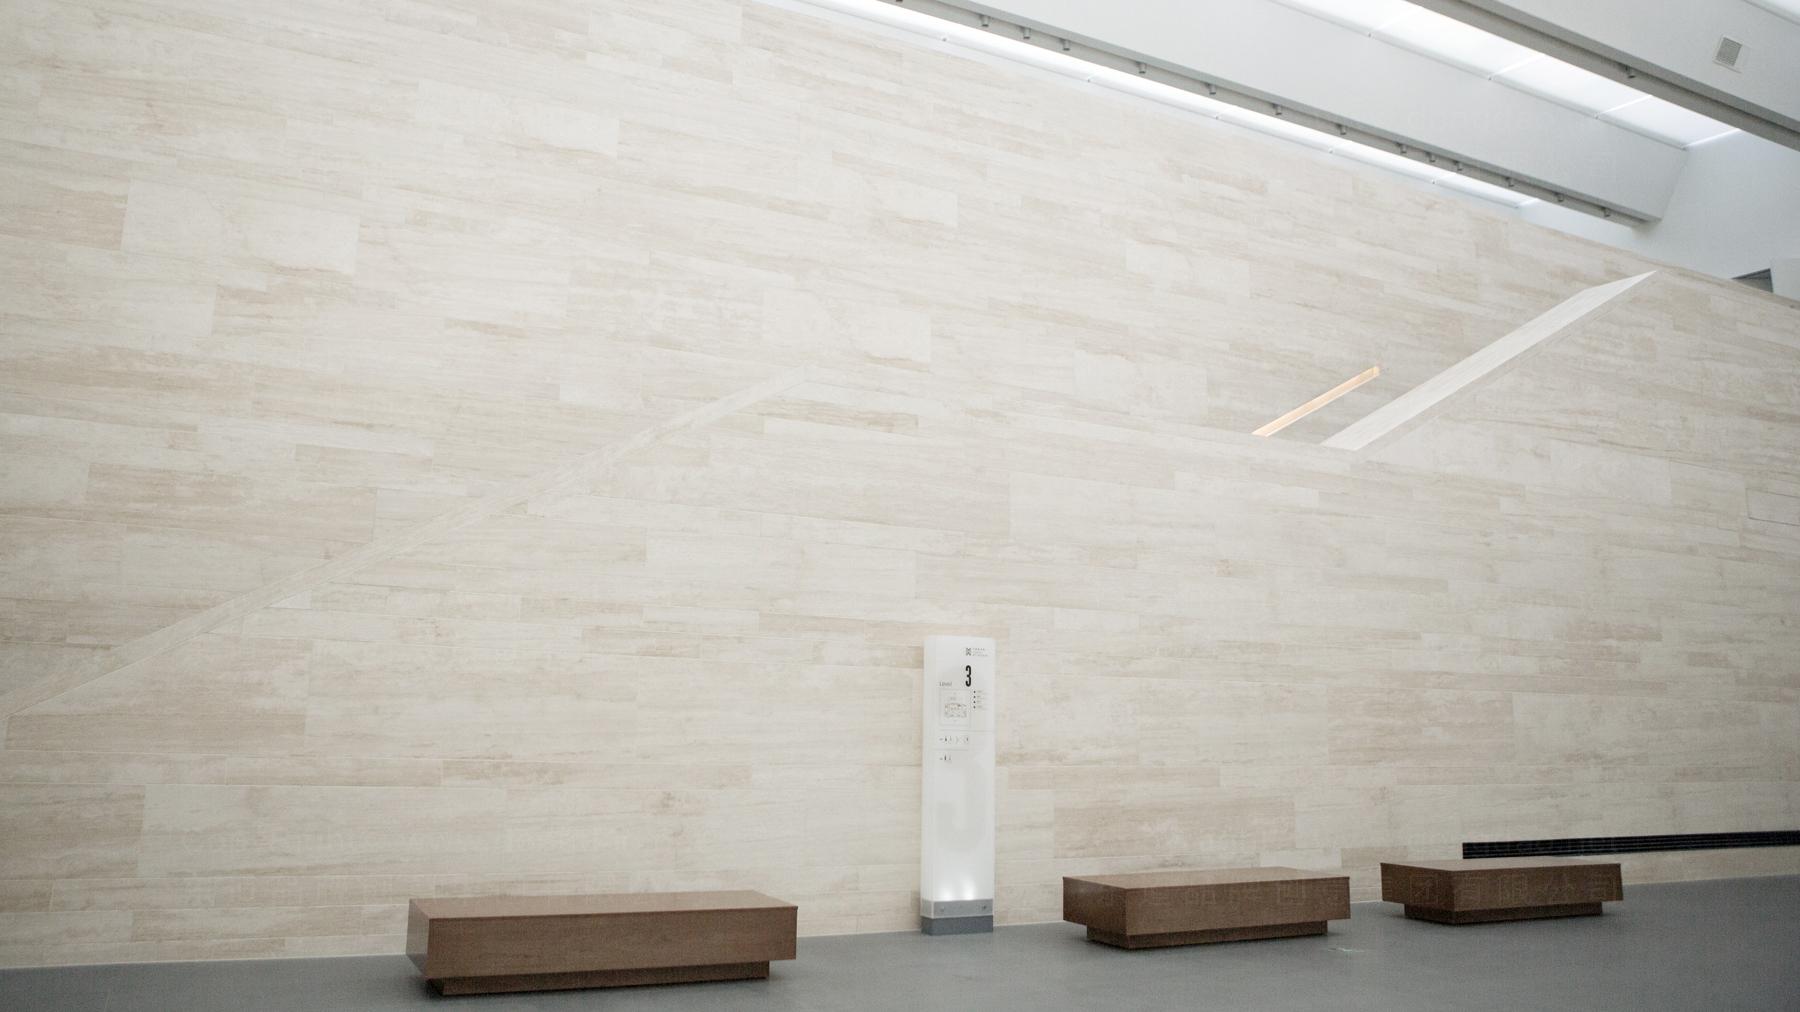 落地工程案例天津美术馆展览展示空间制作